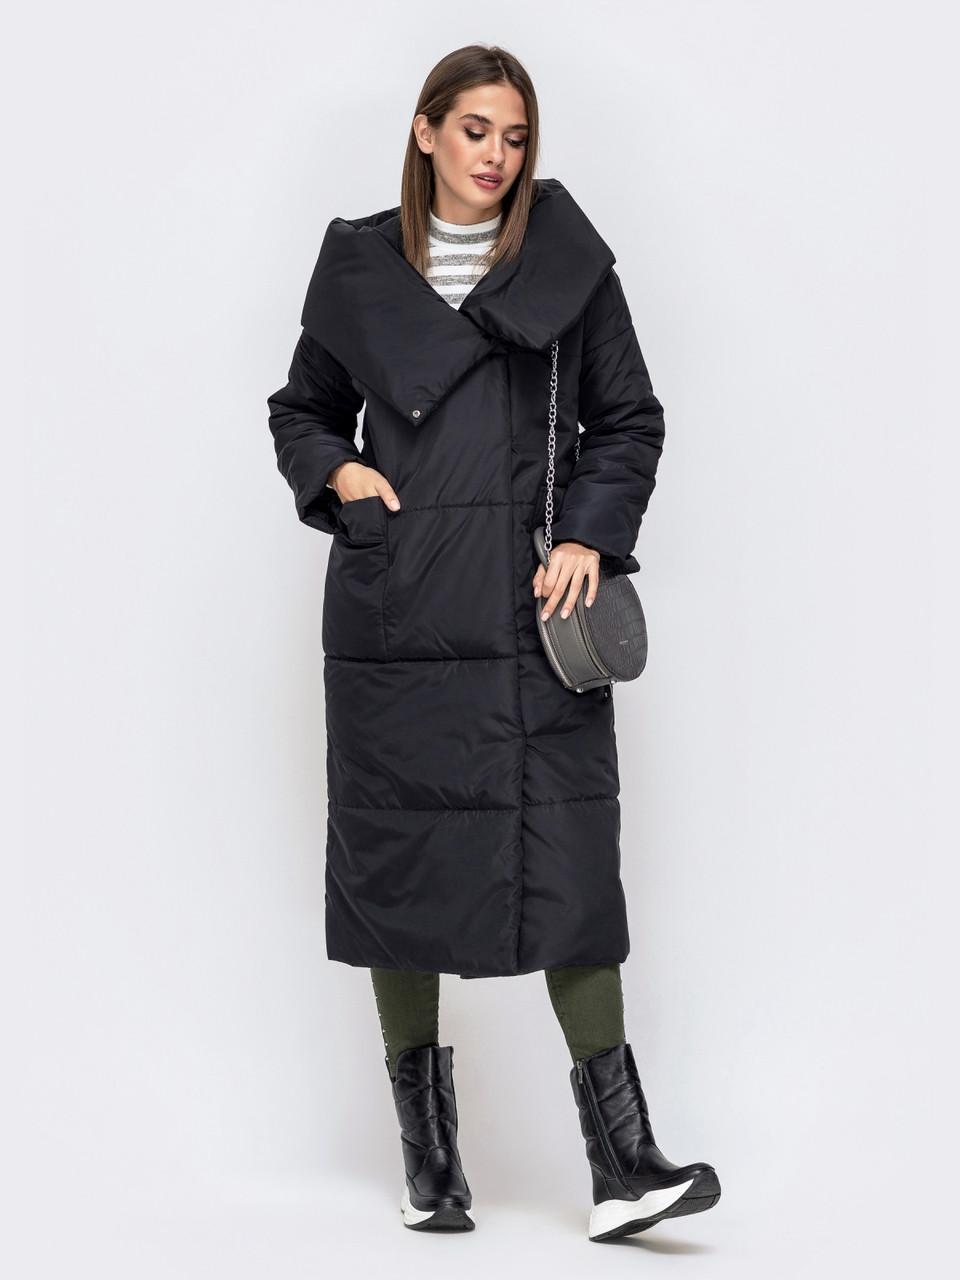 Уютная зимняя куртка-одеяло с объемными накладными карманами черний размер 44-46 48-50